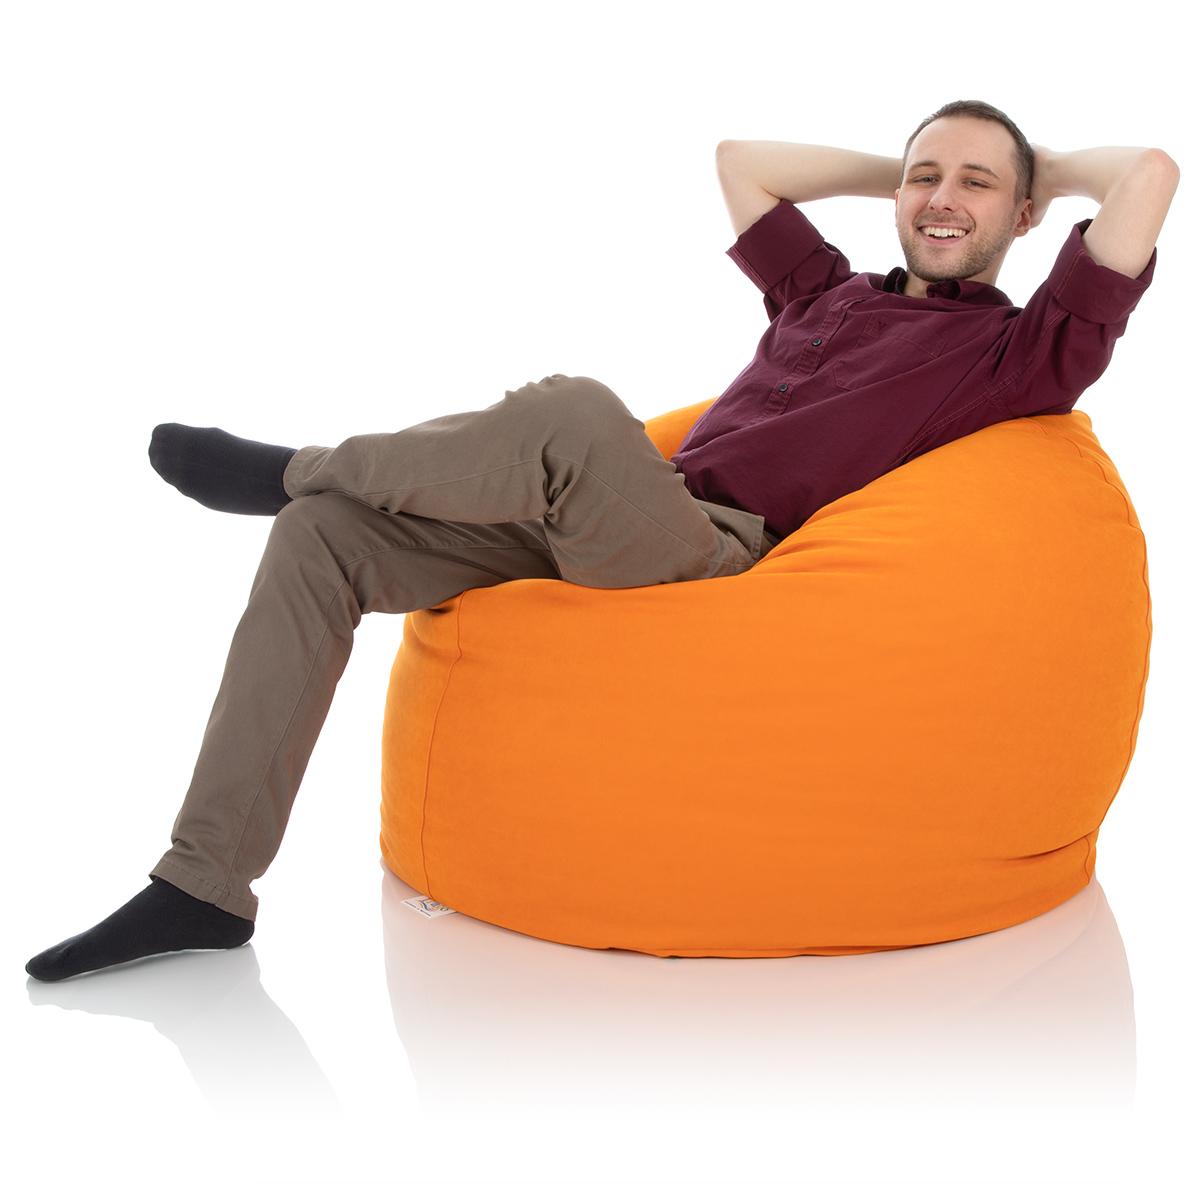 Kinder Sitzsack orange für das Kinderzimmer mit 550 Litern Füllung